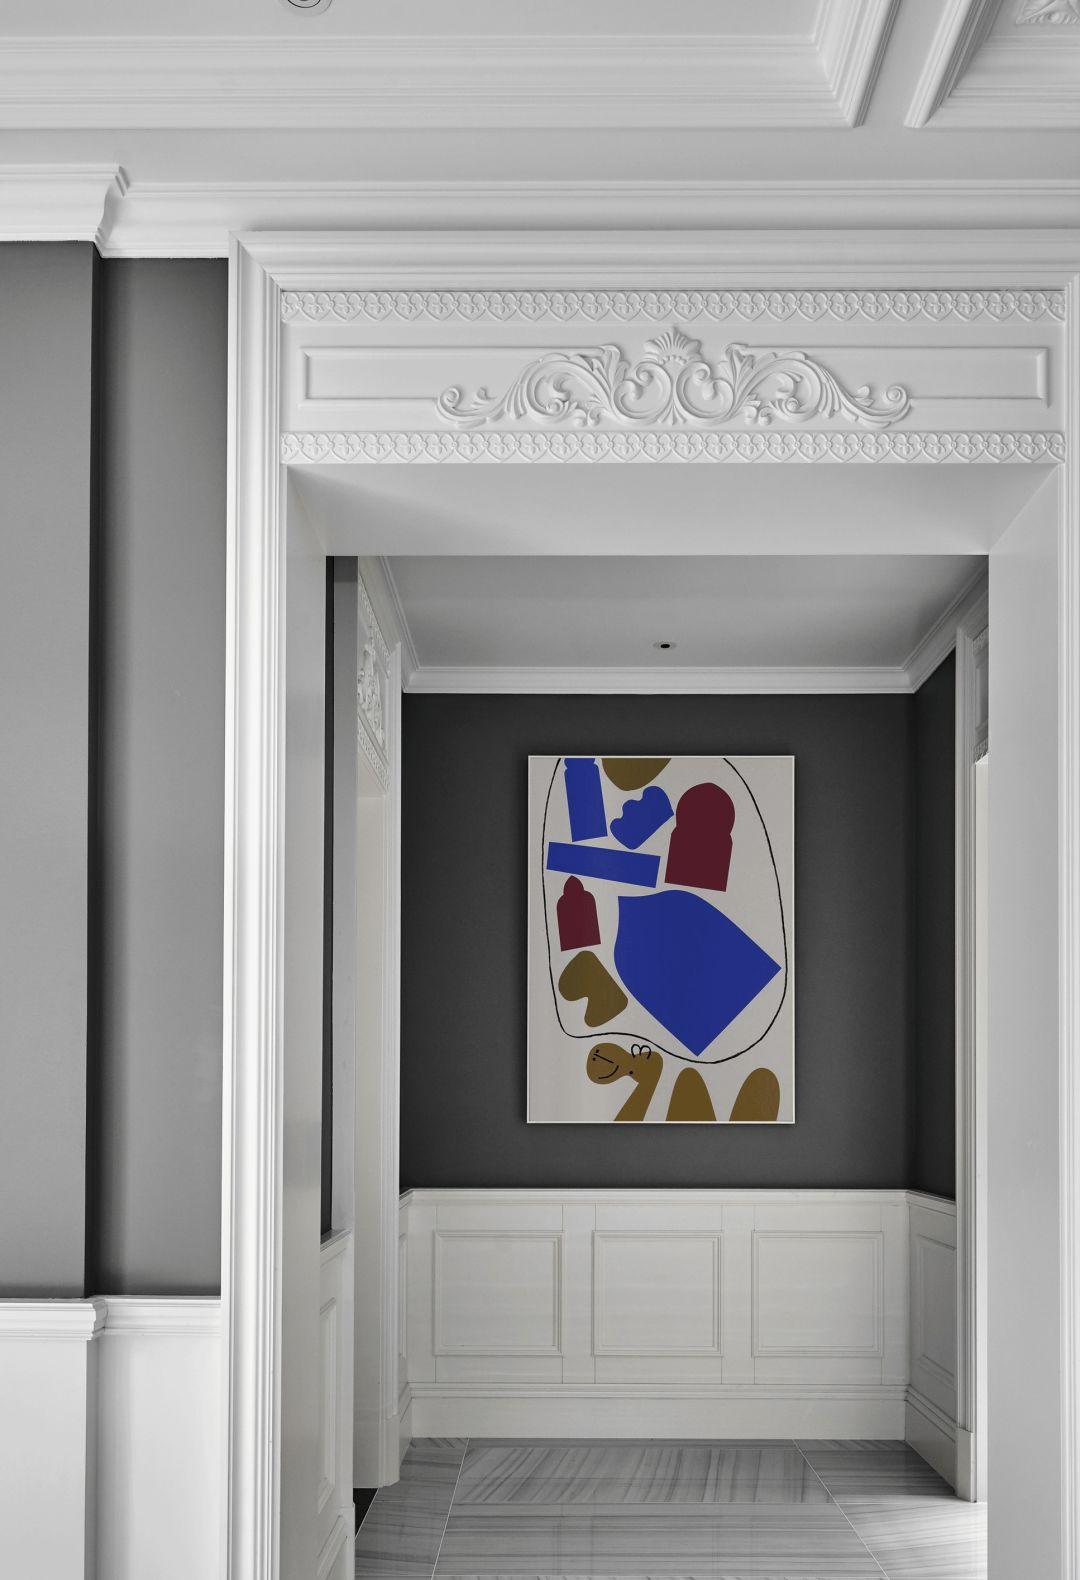 600㎡+,玩趣私人别墅,堪比艺术馆